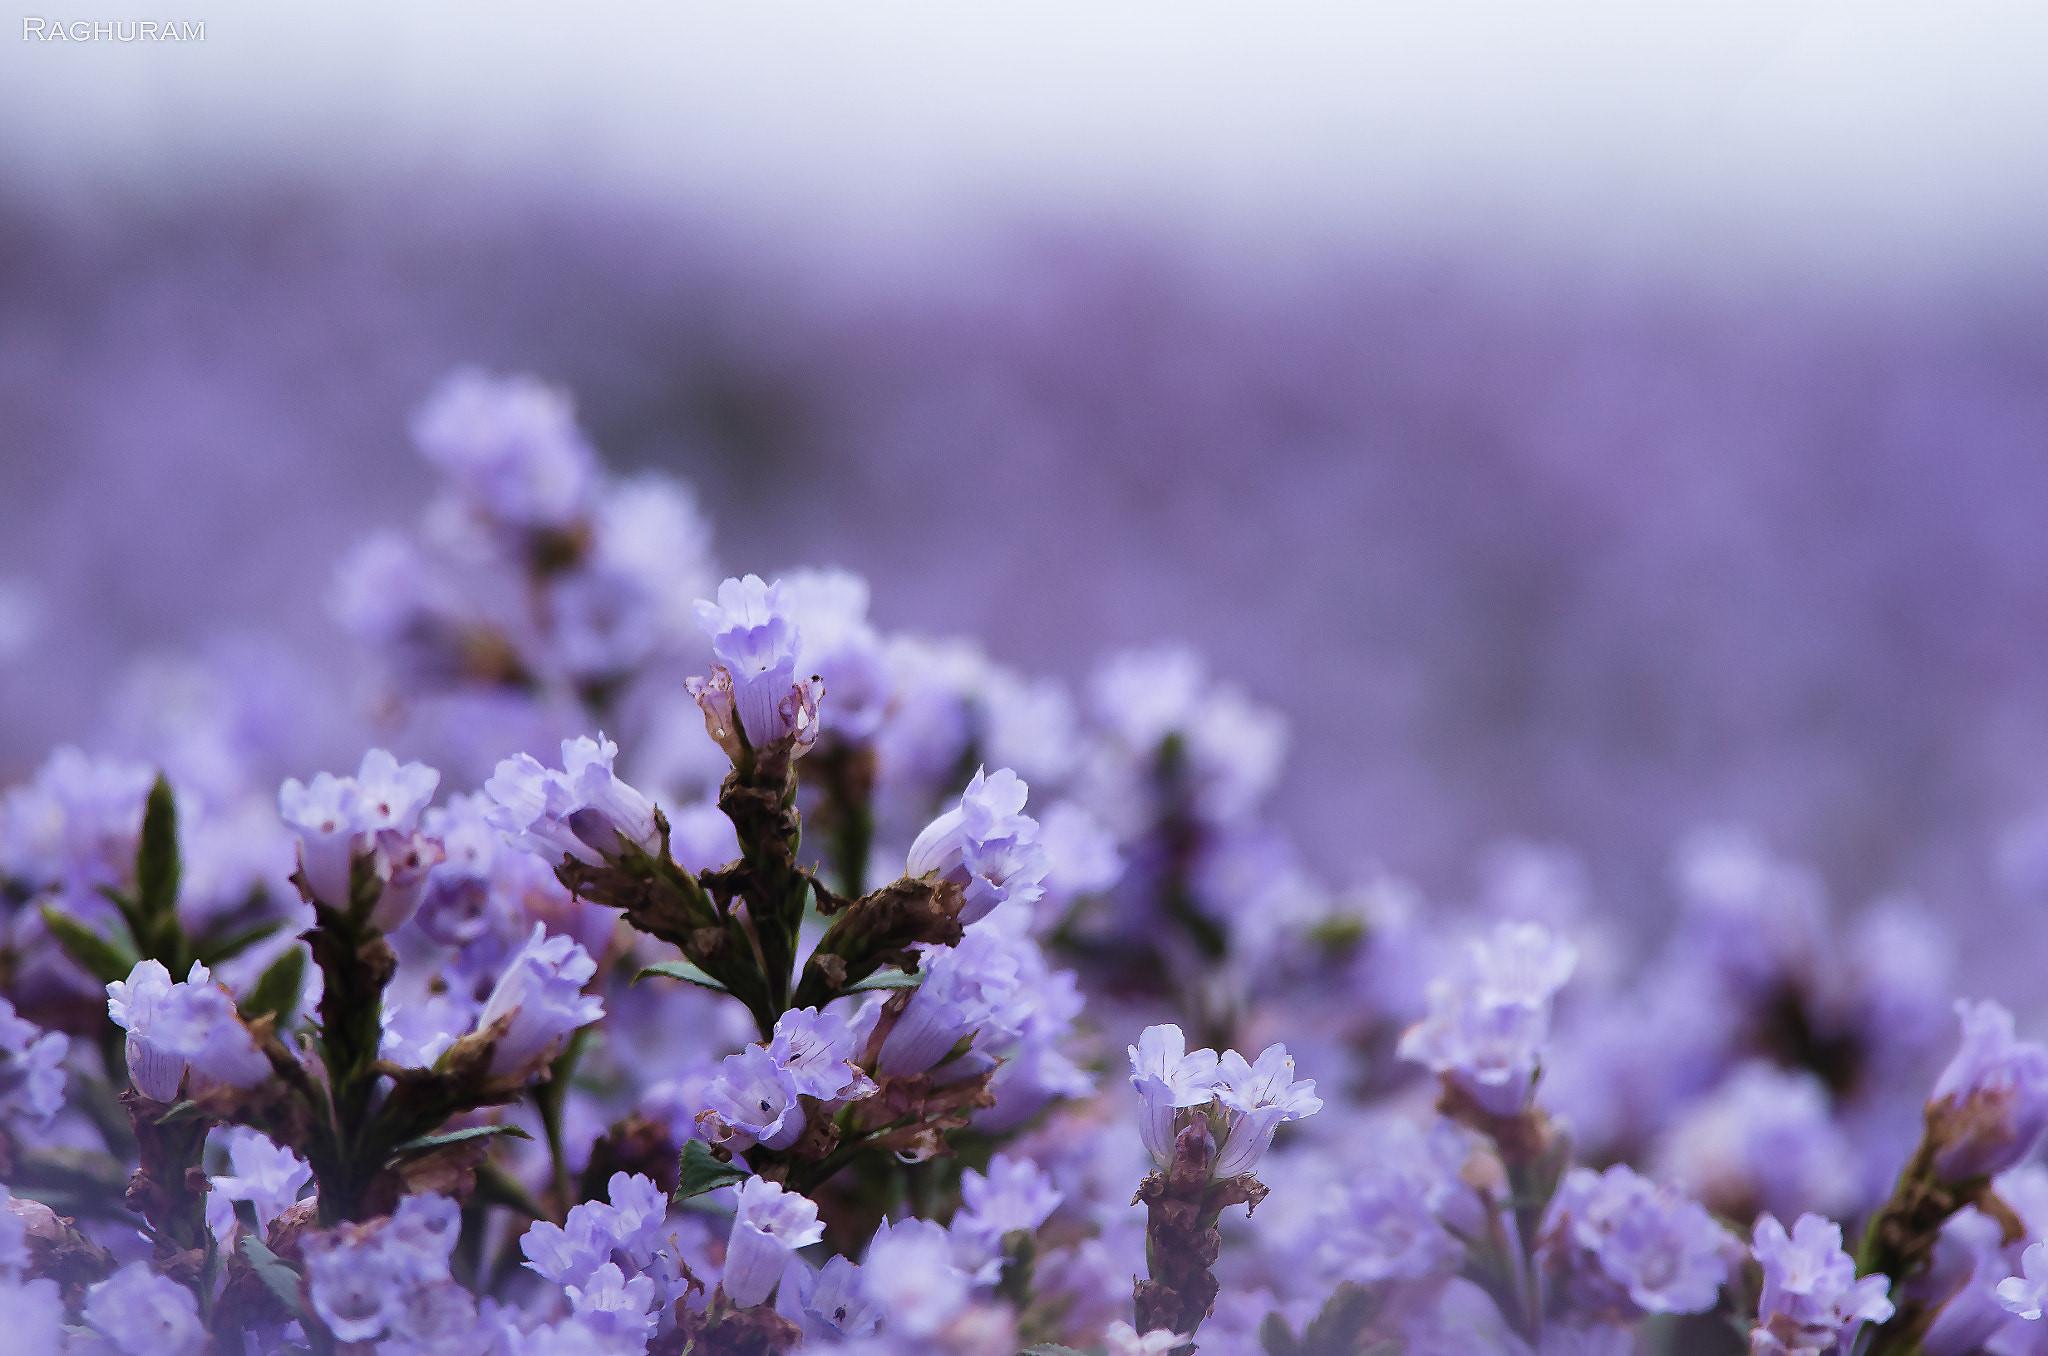 Thung lũng ngập màu tím biếc của sắc hoa 12 năm nở một lần Ảnh 5